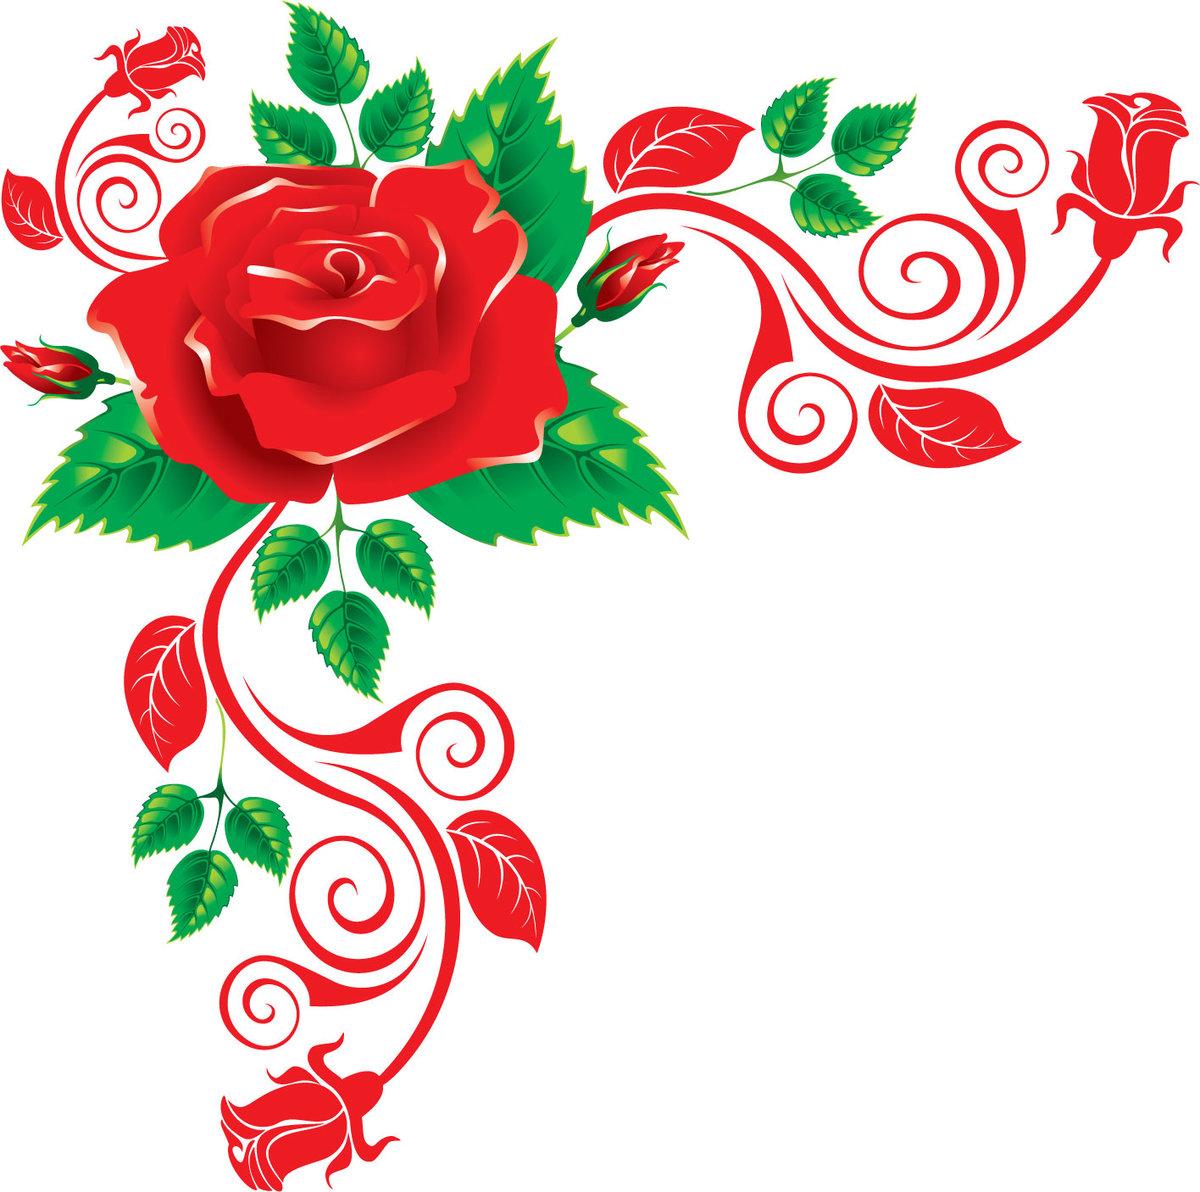 Картинки для ворда цветы